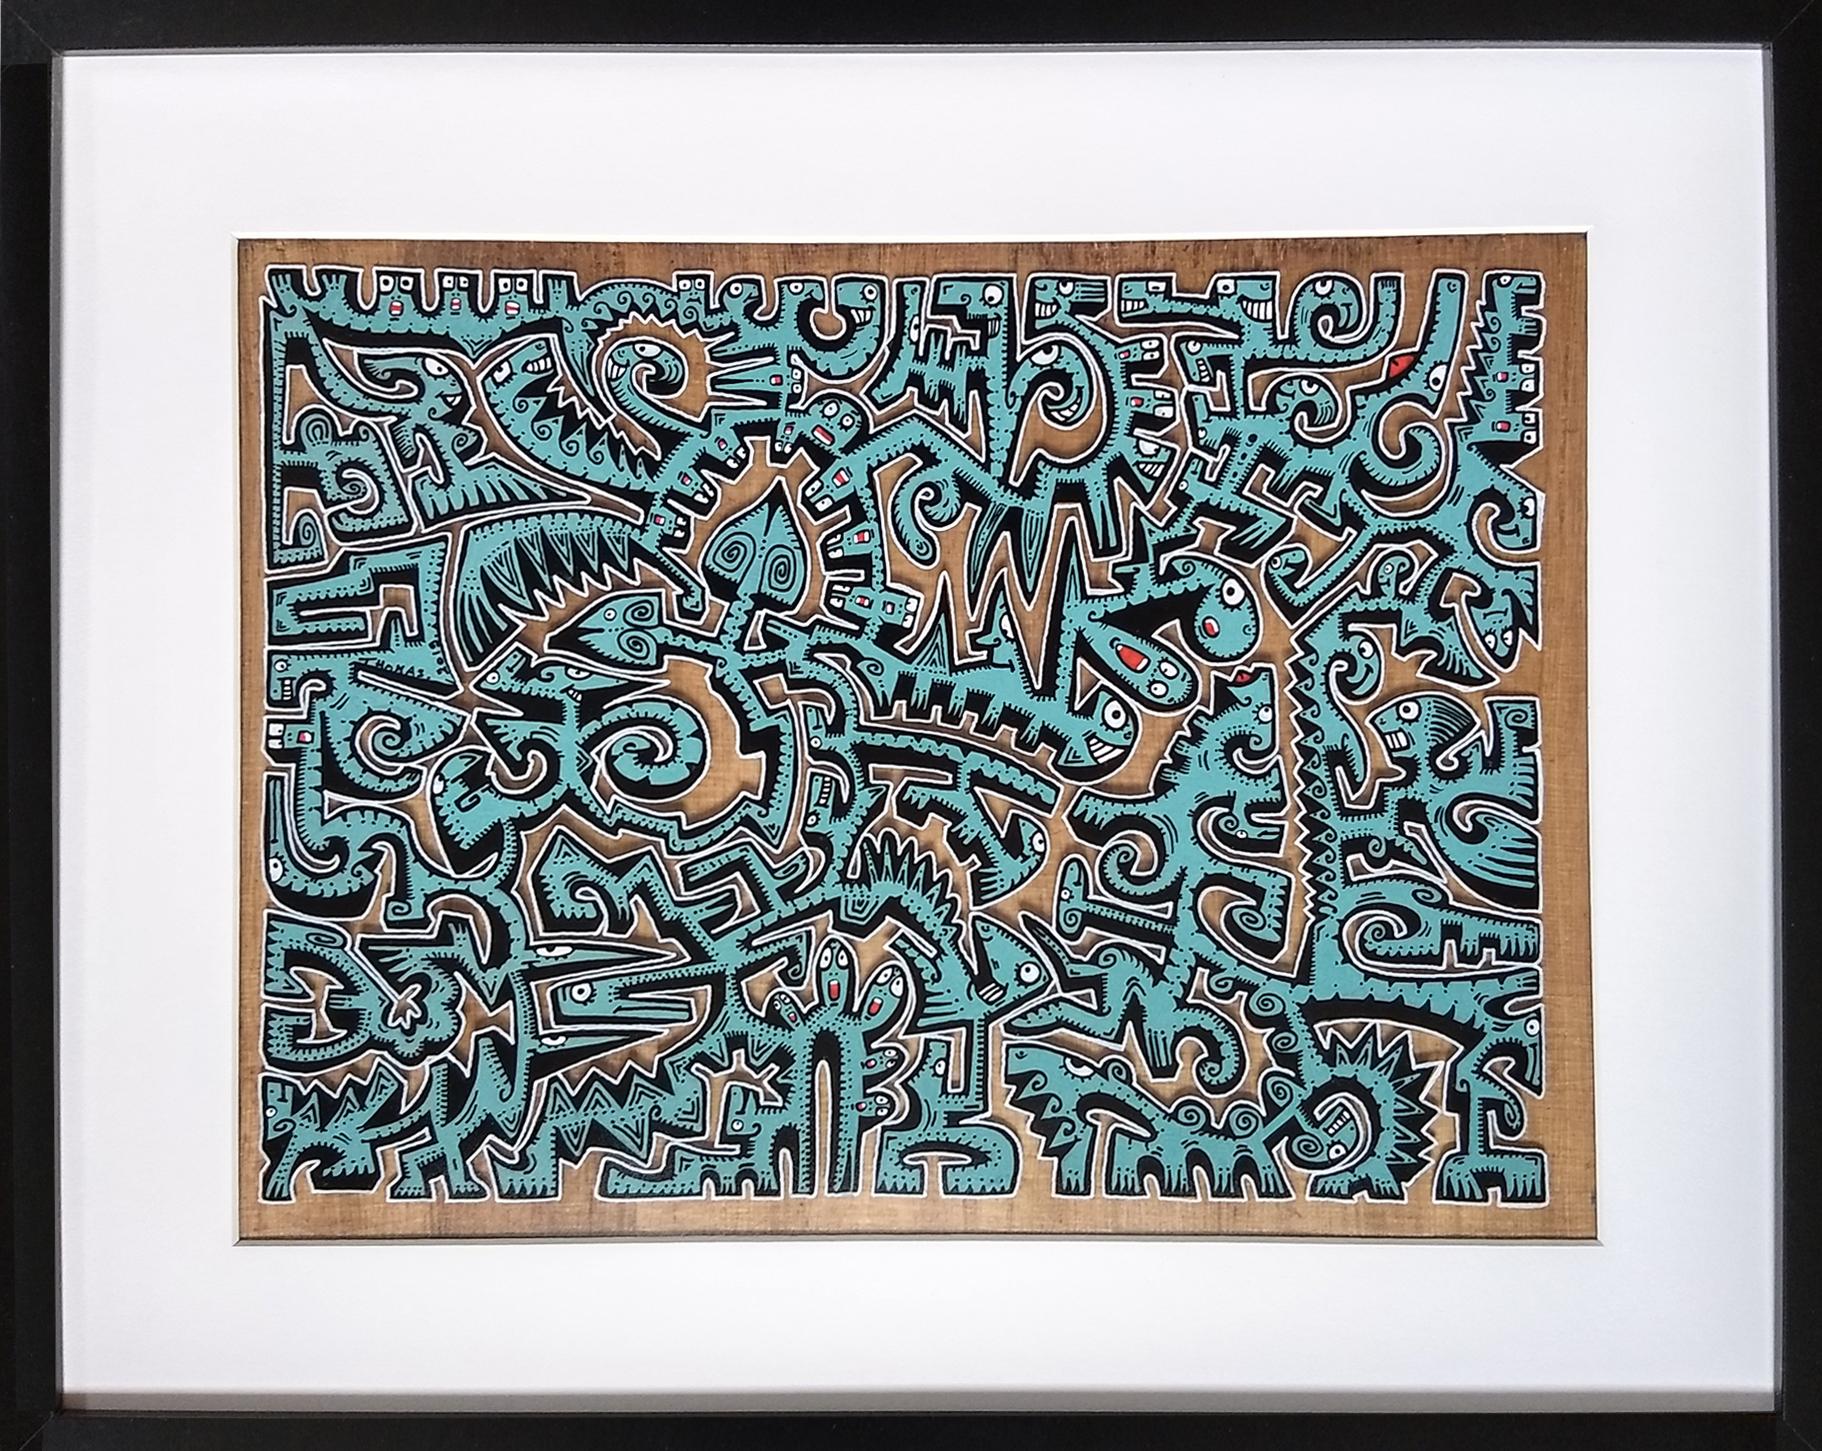 Titre : MT3/ feutres acrylique sur pvc transparent/fond papyrus antique/format avec cadre : 52.5/42 cm/ prix : 90 euros